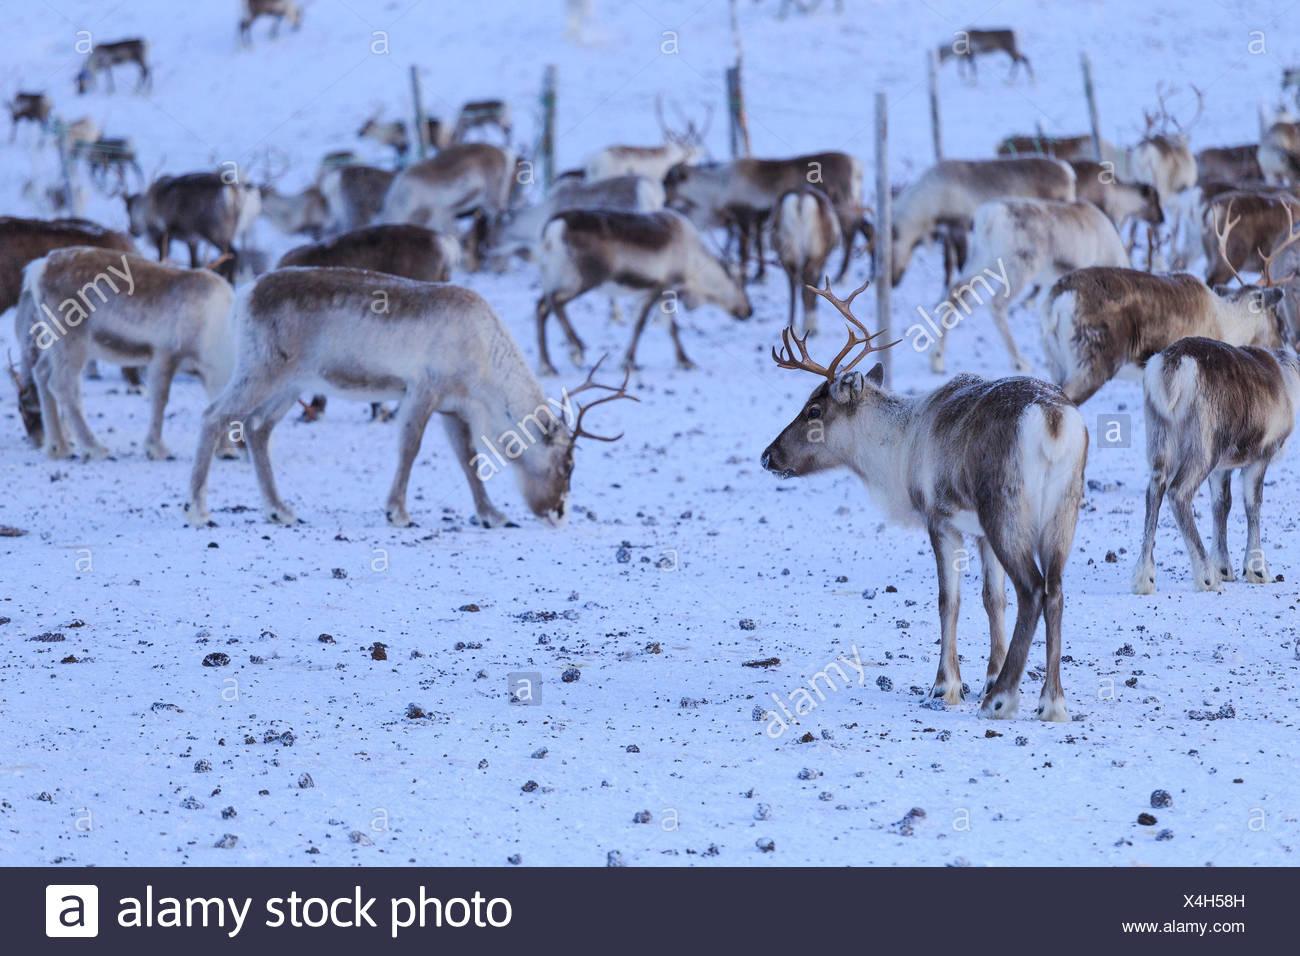 Reindeer grazing. Riskgransen, Norbottens Ian, Lapland, Sweden, Europe Stock Photo